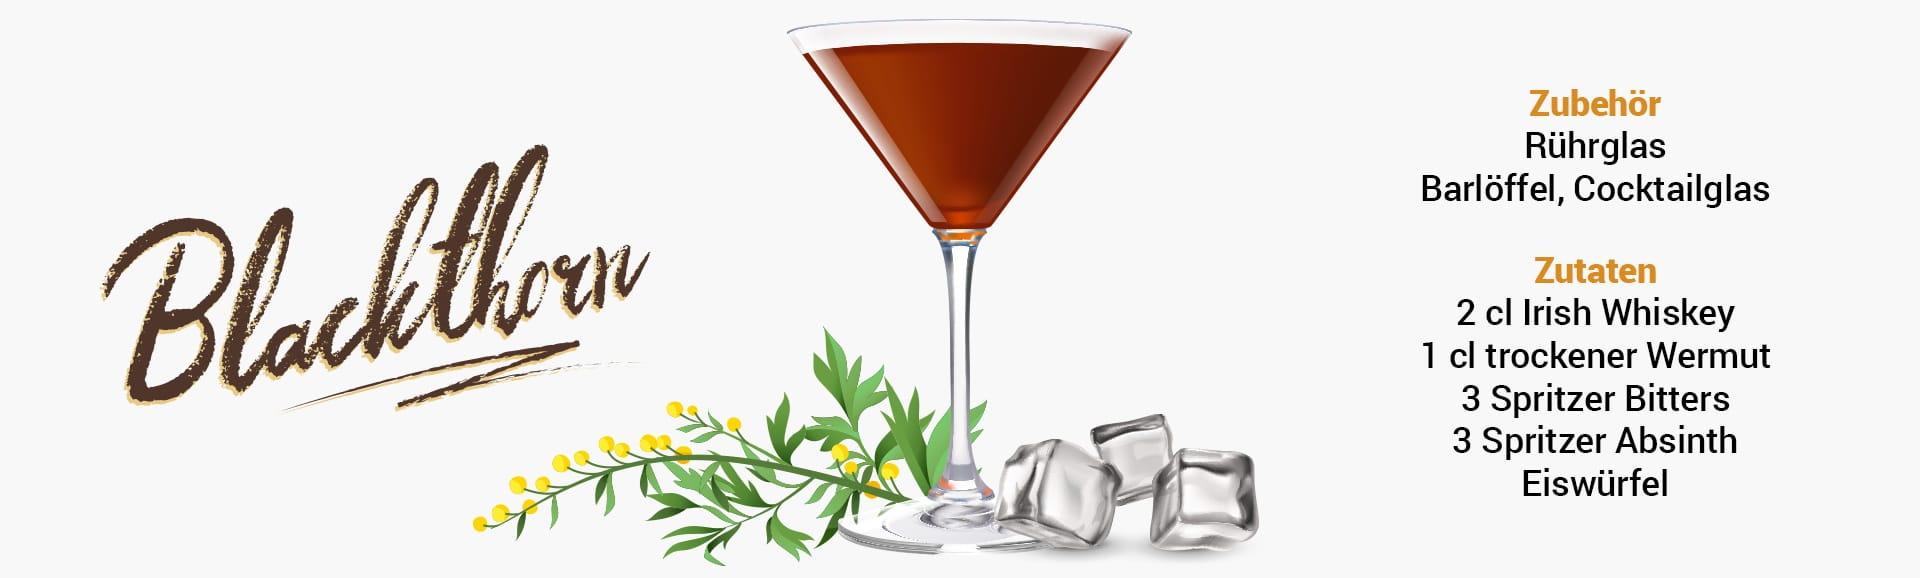 Whisky Cocktail: Blackthorn Rezept + Tipp